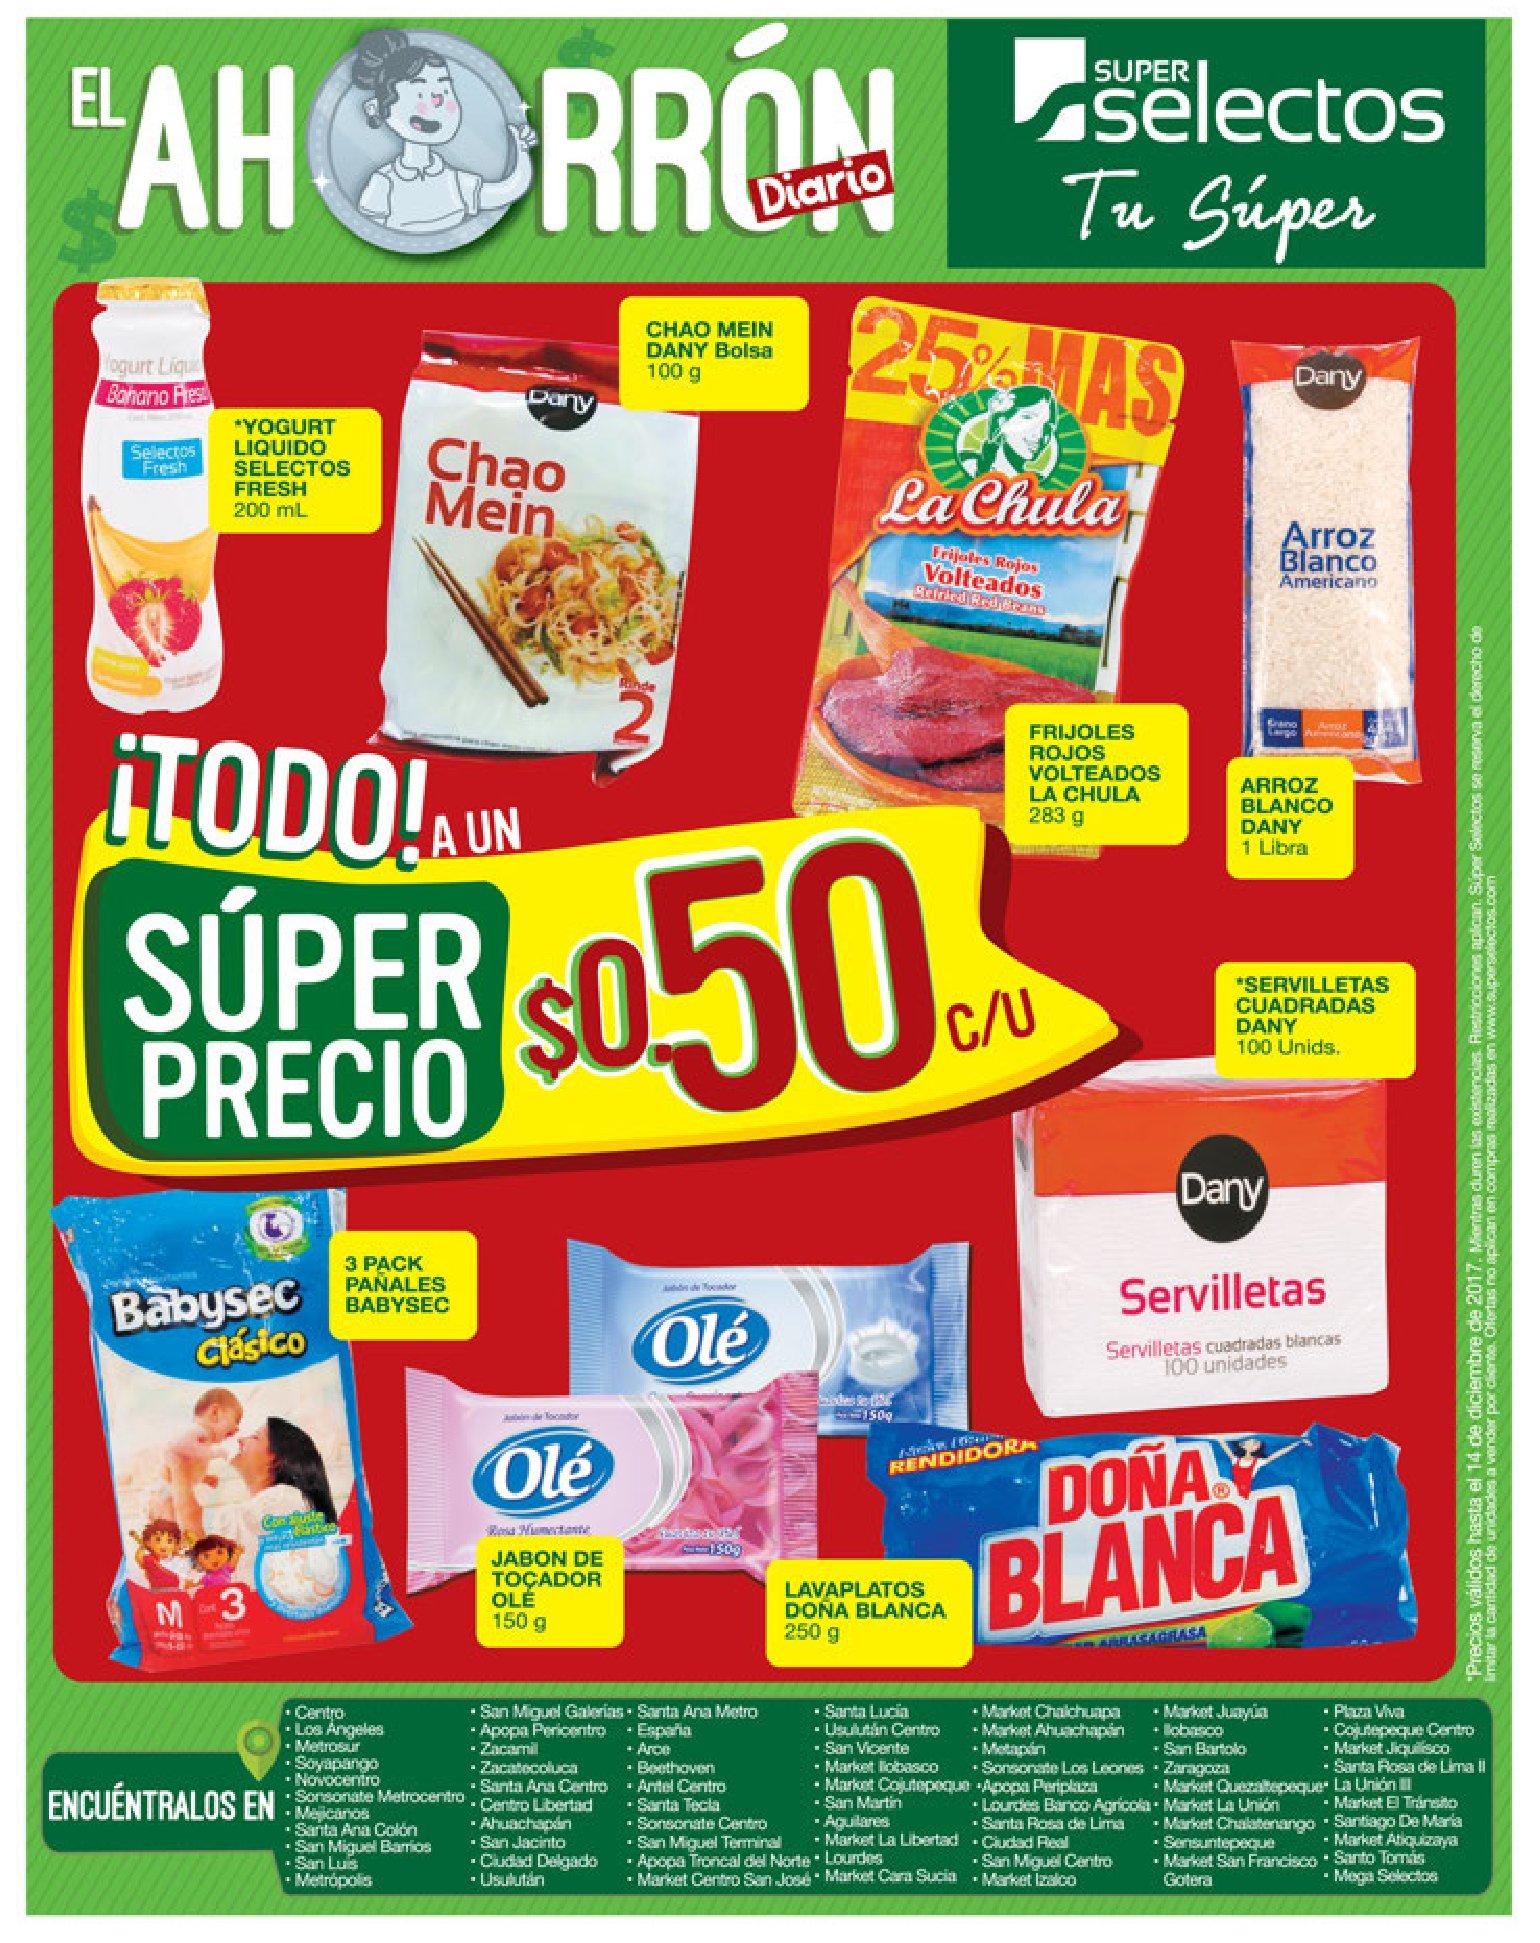 Estas son las ofertas de super ahorro selectos - 08dic17